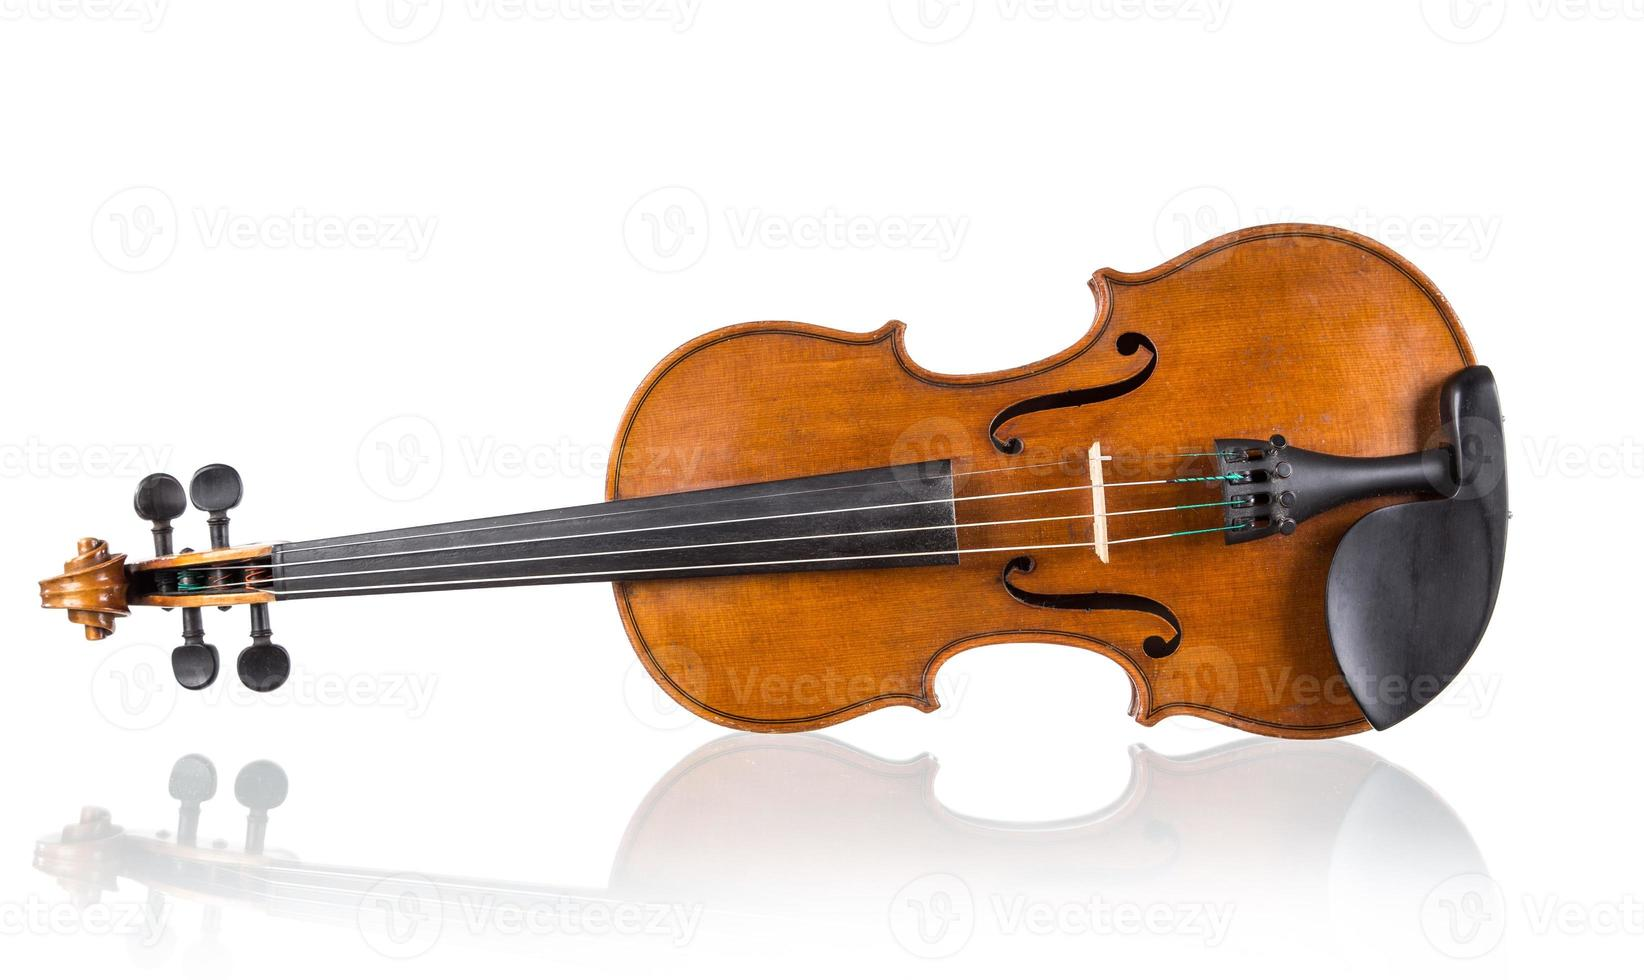 violon dans un style vintage photo